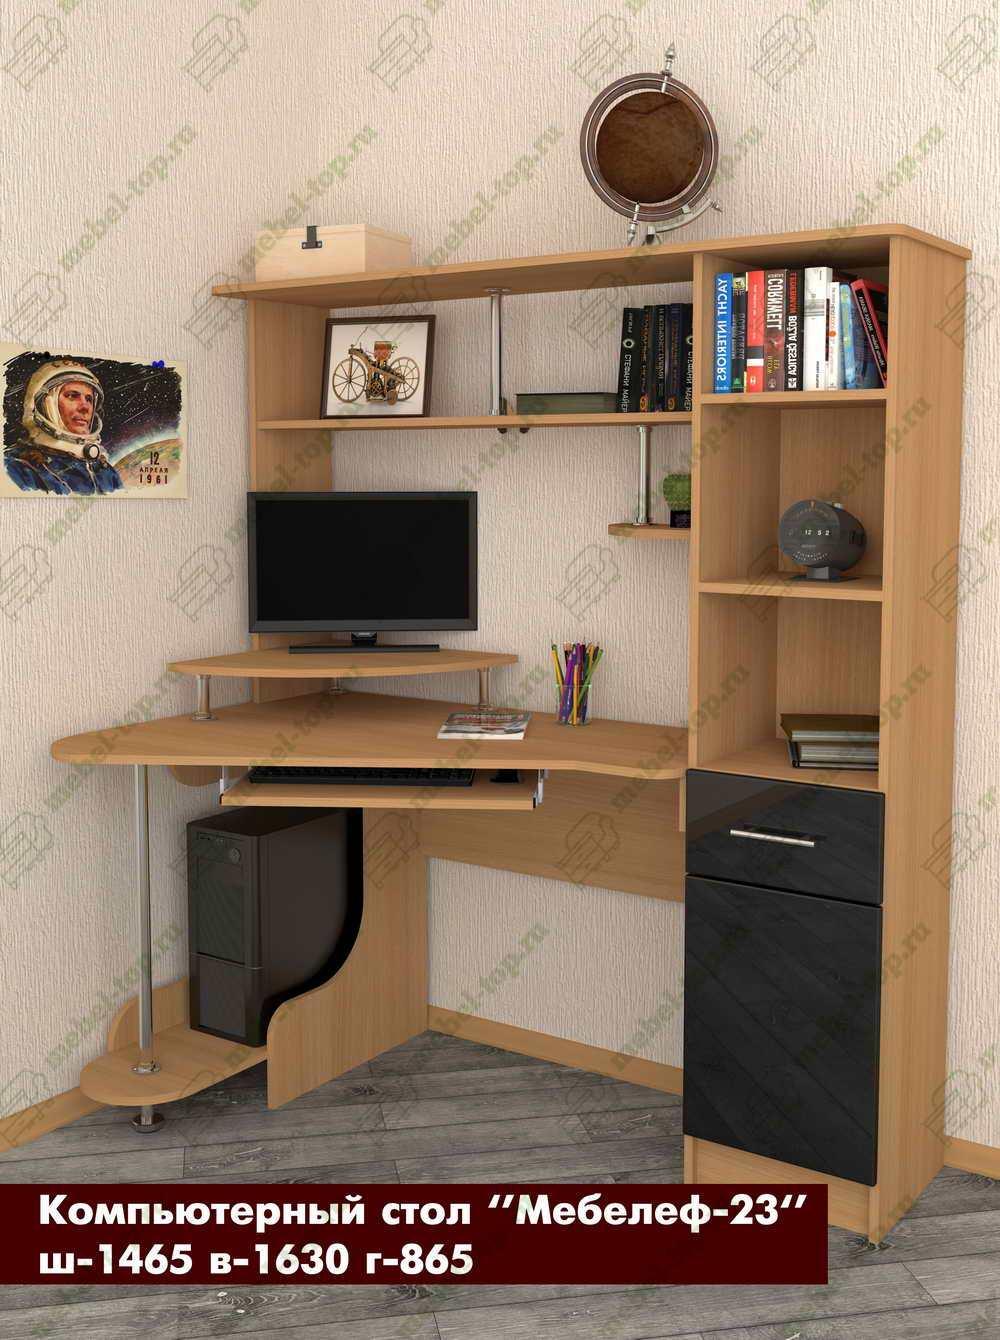 Компьютерный стол Мебелеф-23